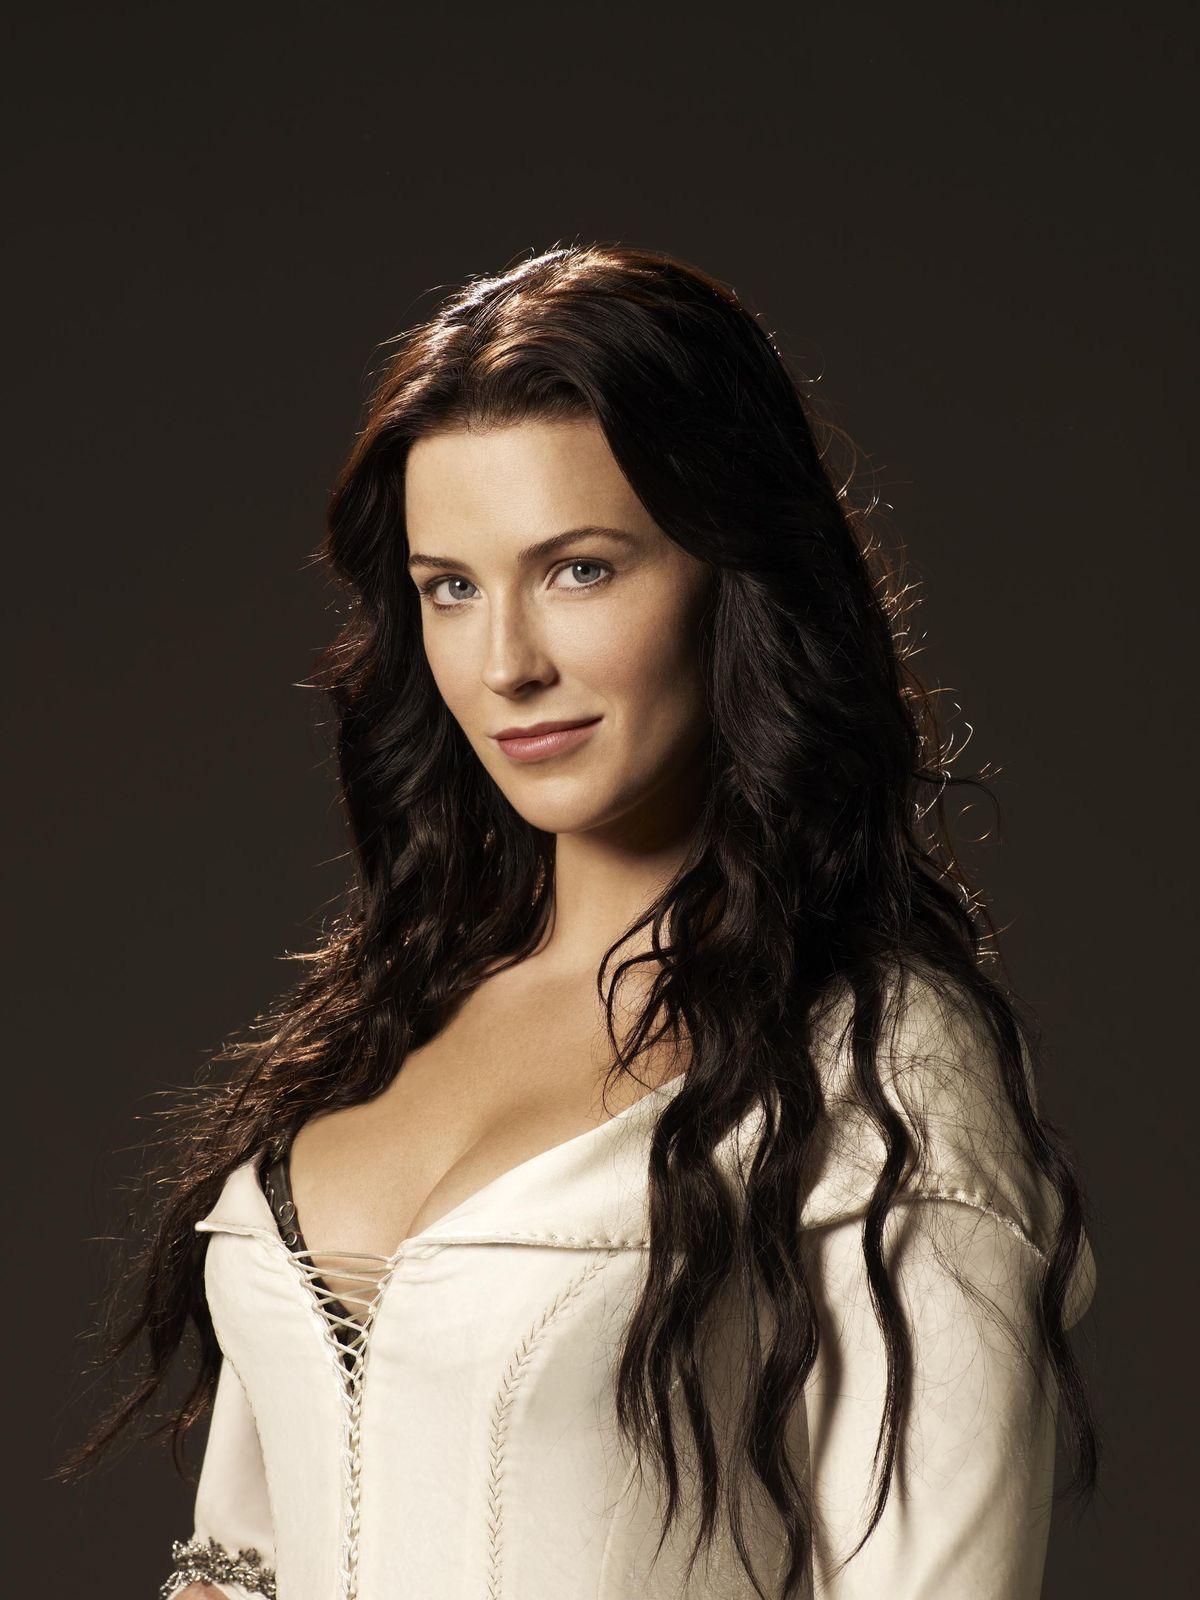 Beautiful Bridget Reagan